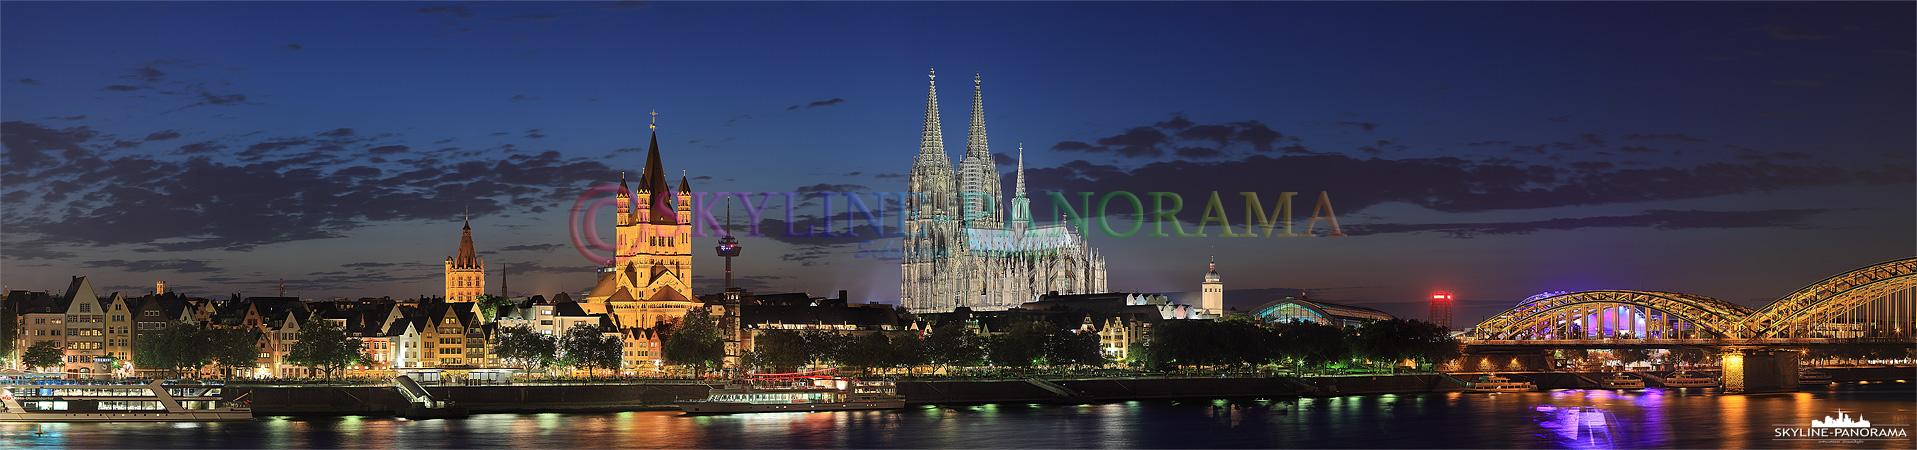 Das Köln Panorama zur einbrechenden Nacht, erst jetzt, mit voller Beleuchtung und zur Blauen Stunde, kommen die Farben und Lichter der Stadt richtig zur Geltung.